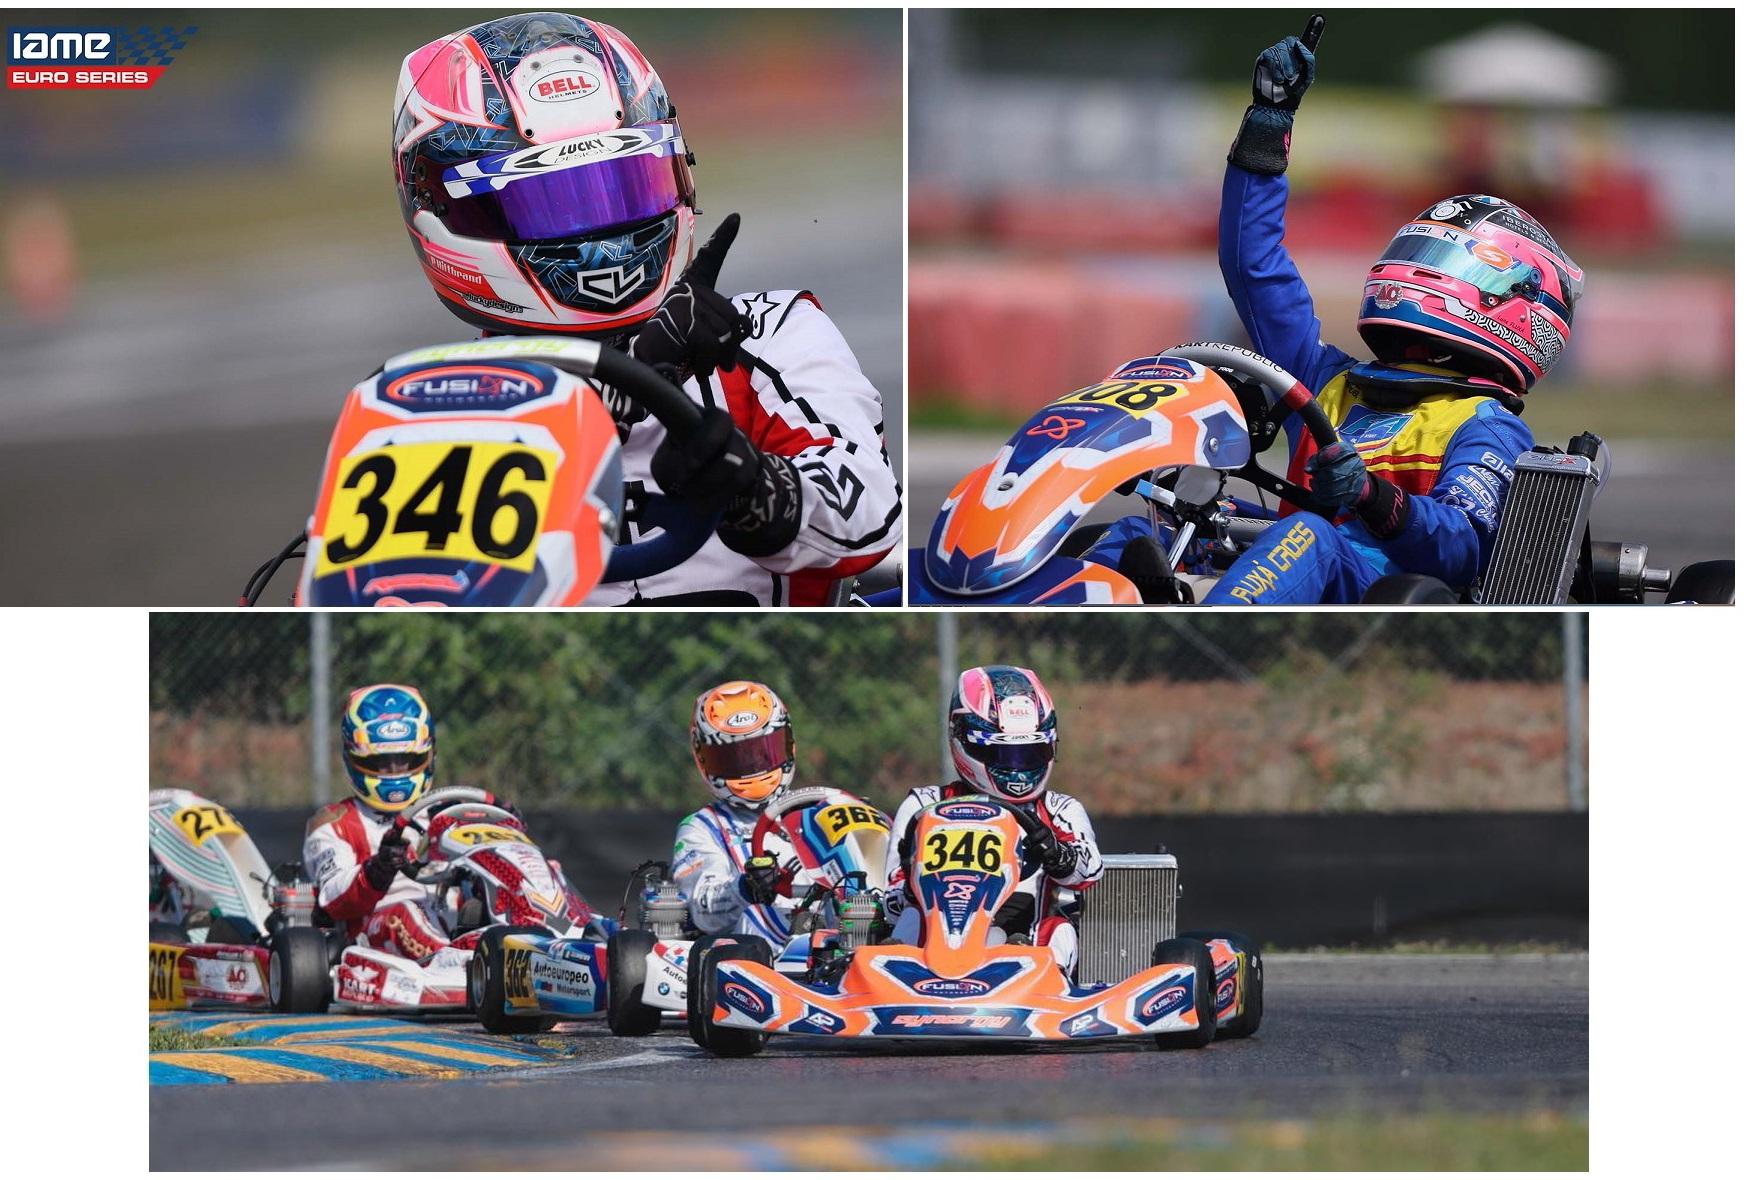 Iame Euro Series - El Karting español brilla en Castelletto